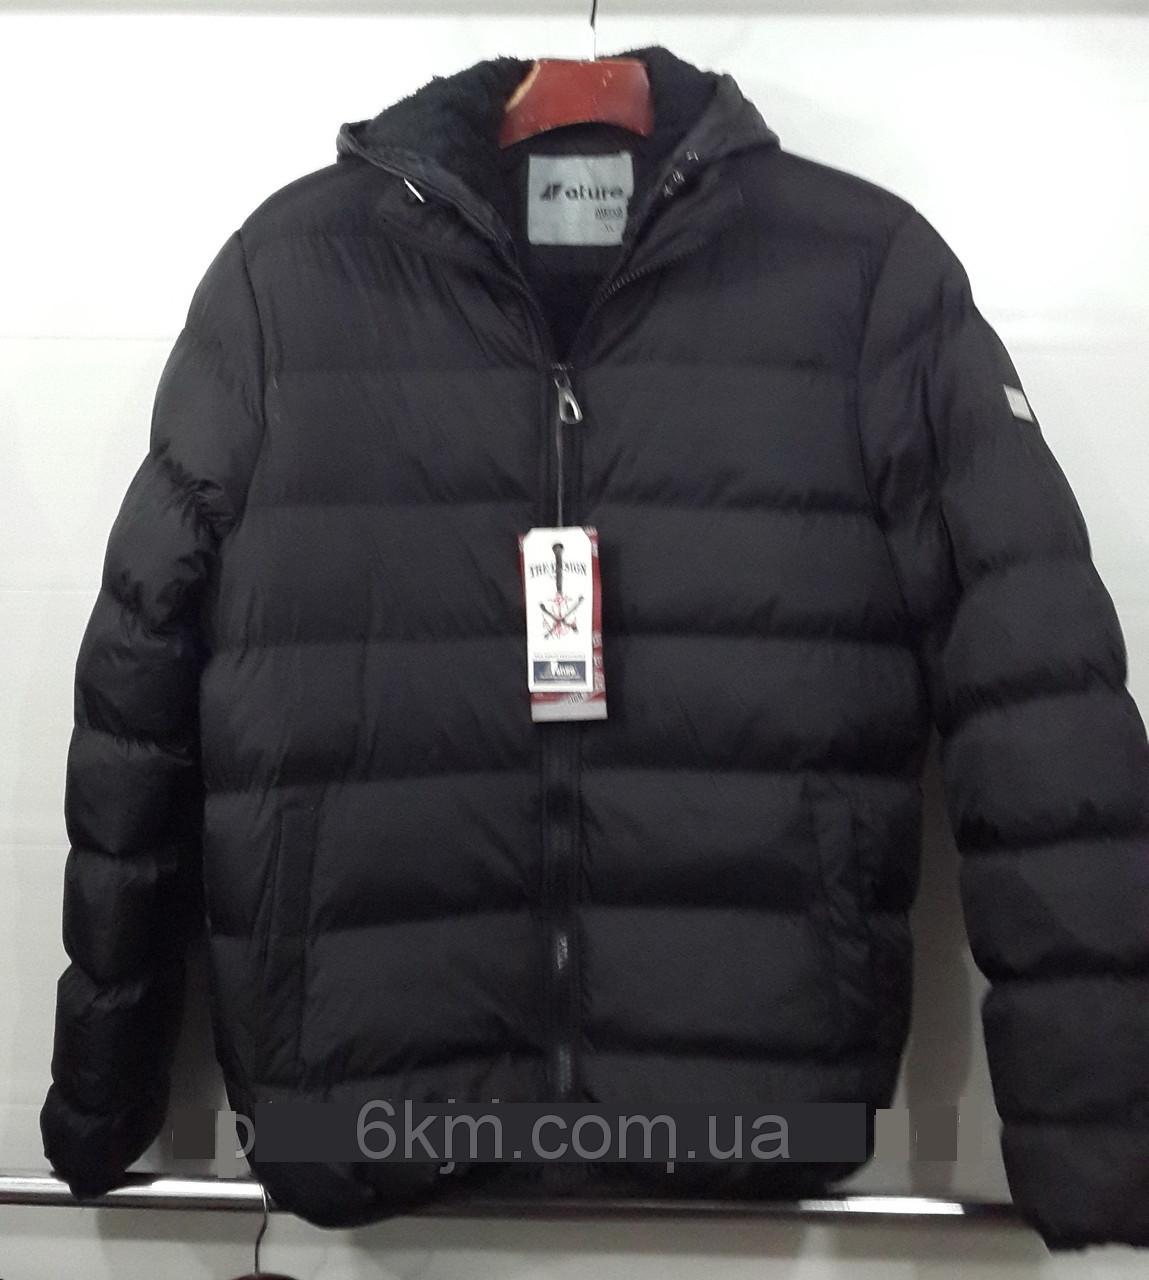 Зимова чоловіча куртка на холлофайбере оптом ціна c94819e17cb3b